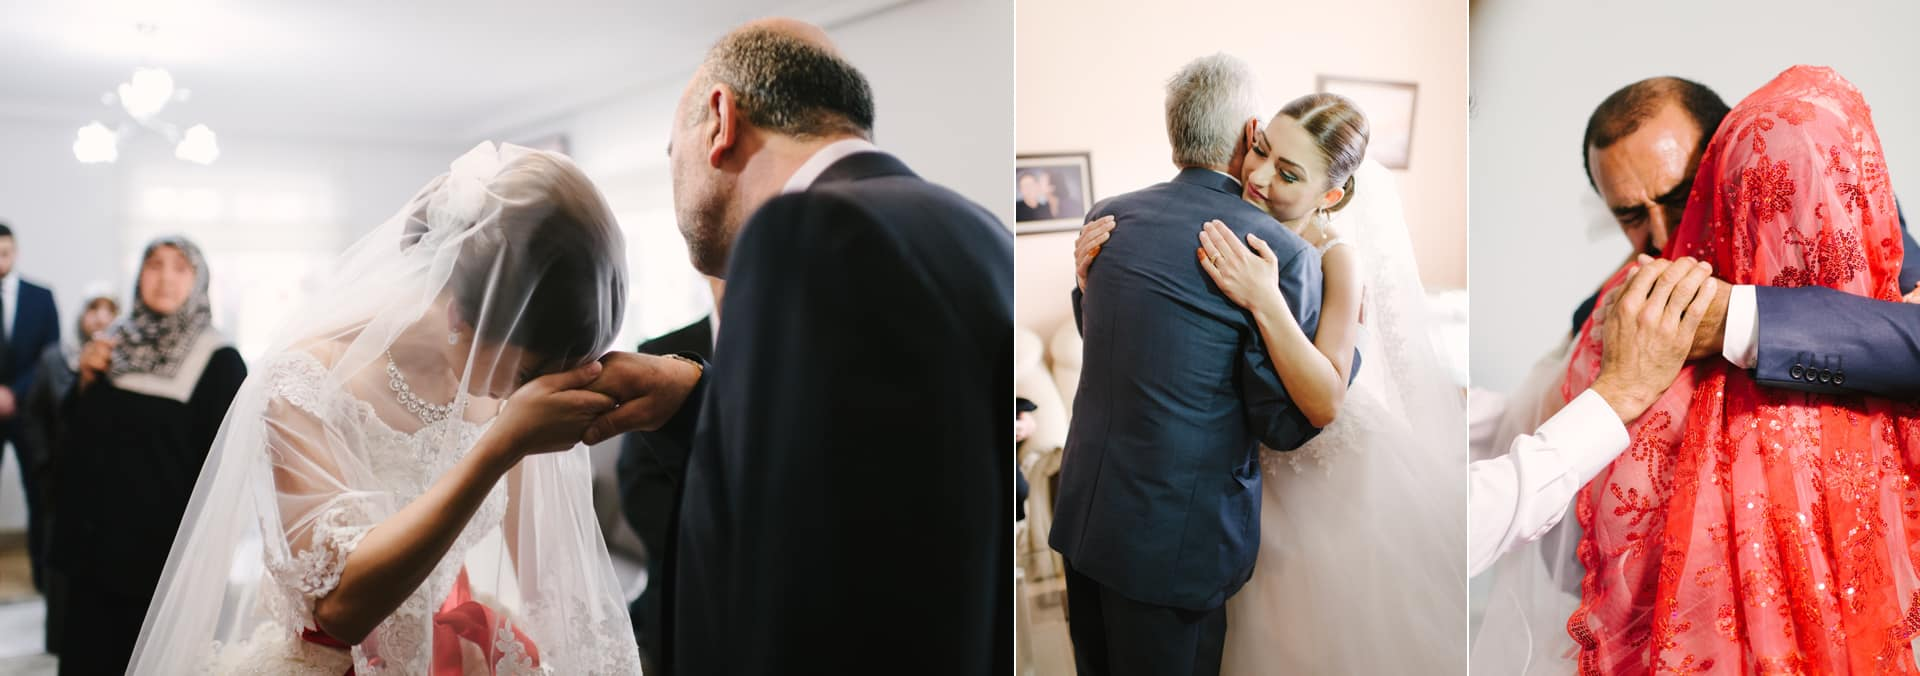 Türkische Braut verabschiedet sich bei ihrem Vater